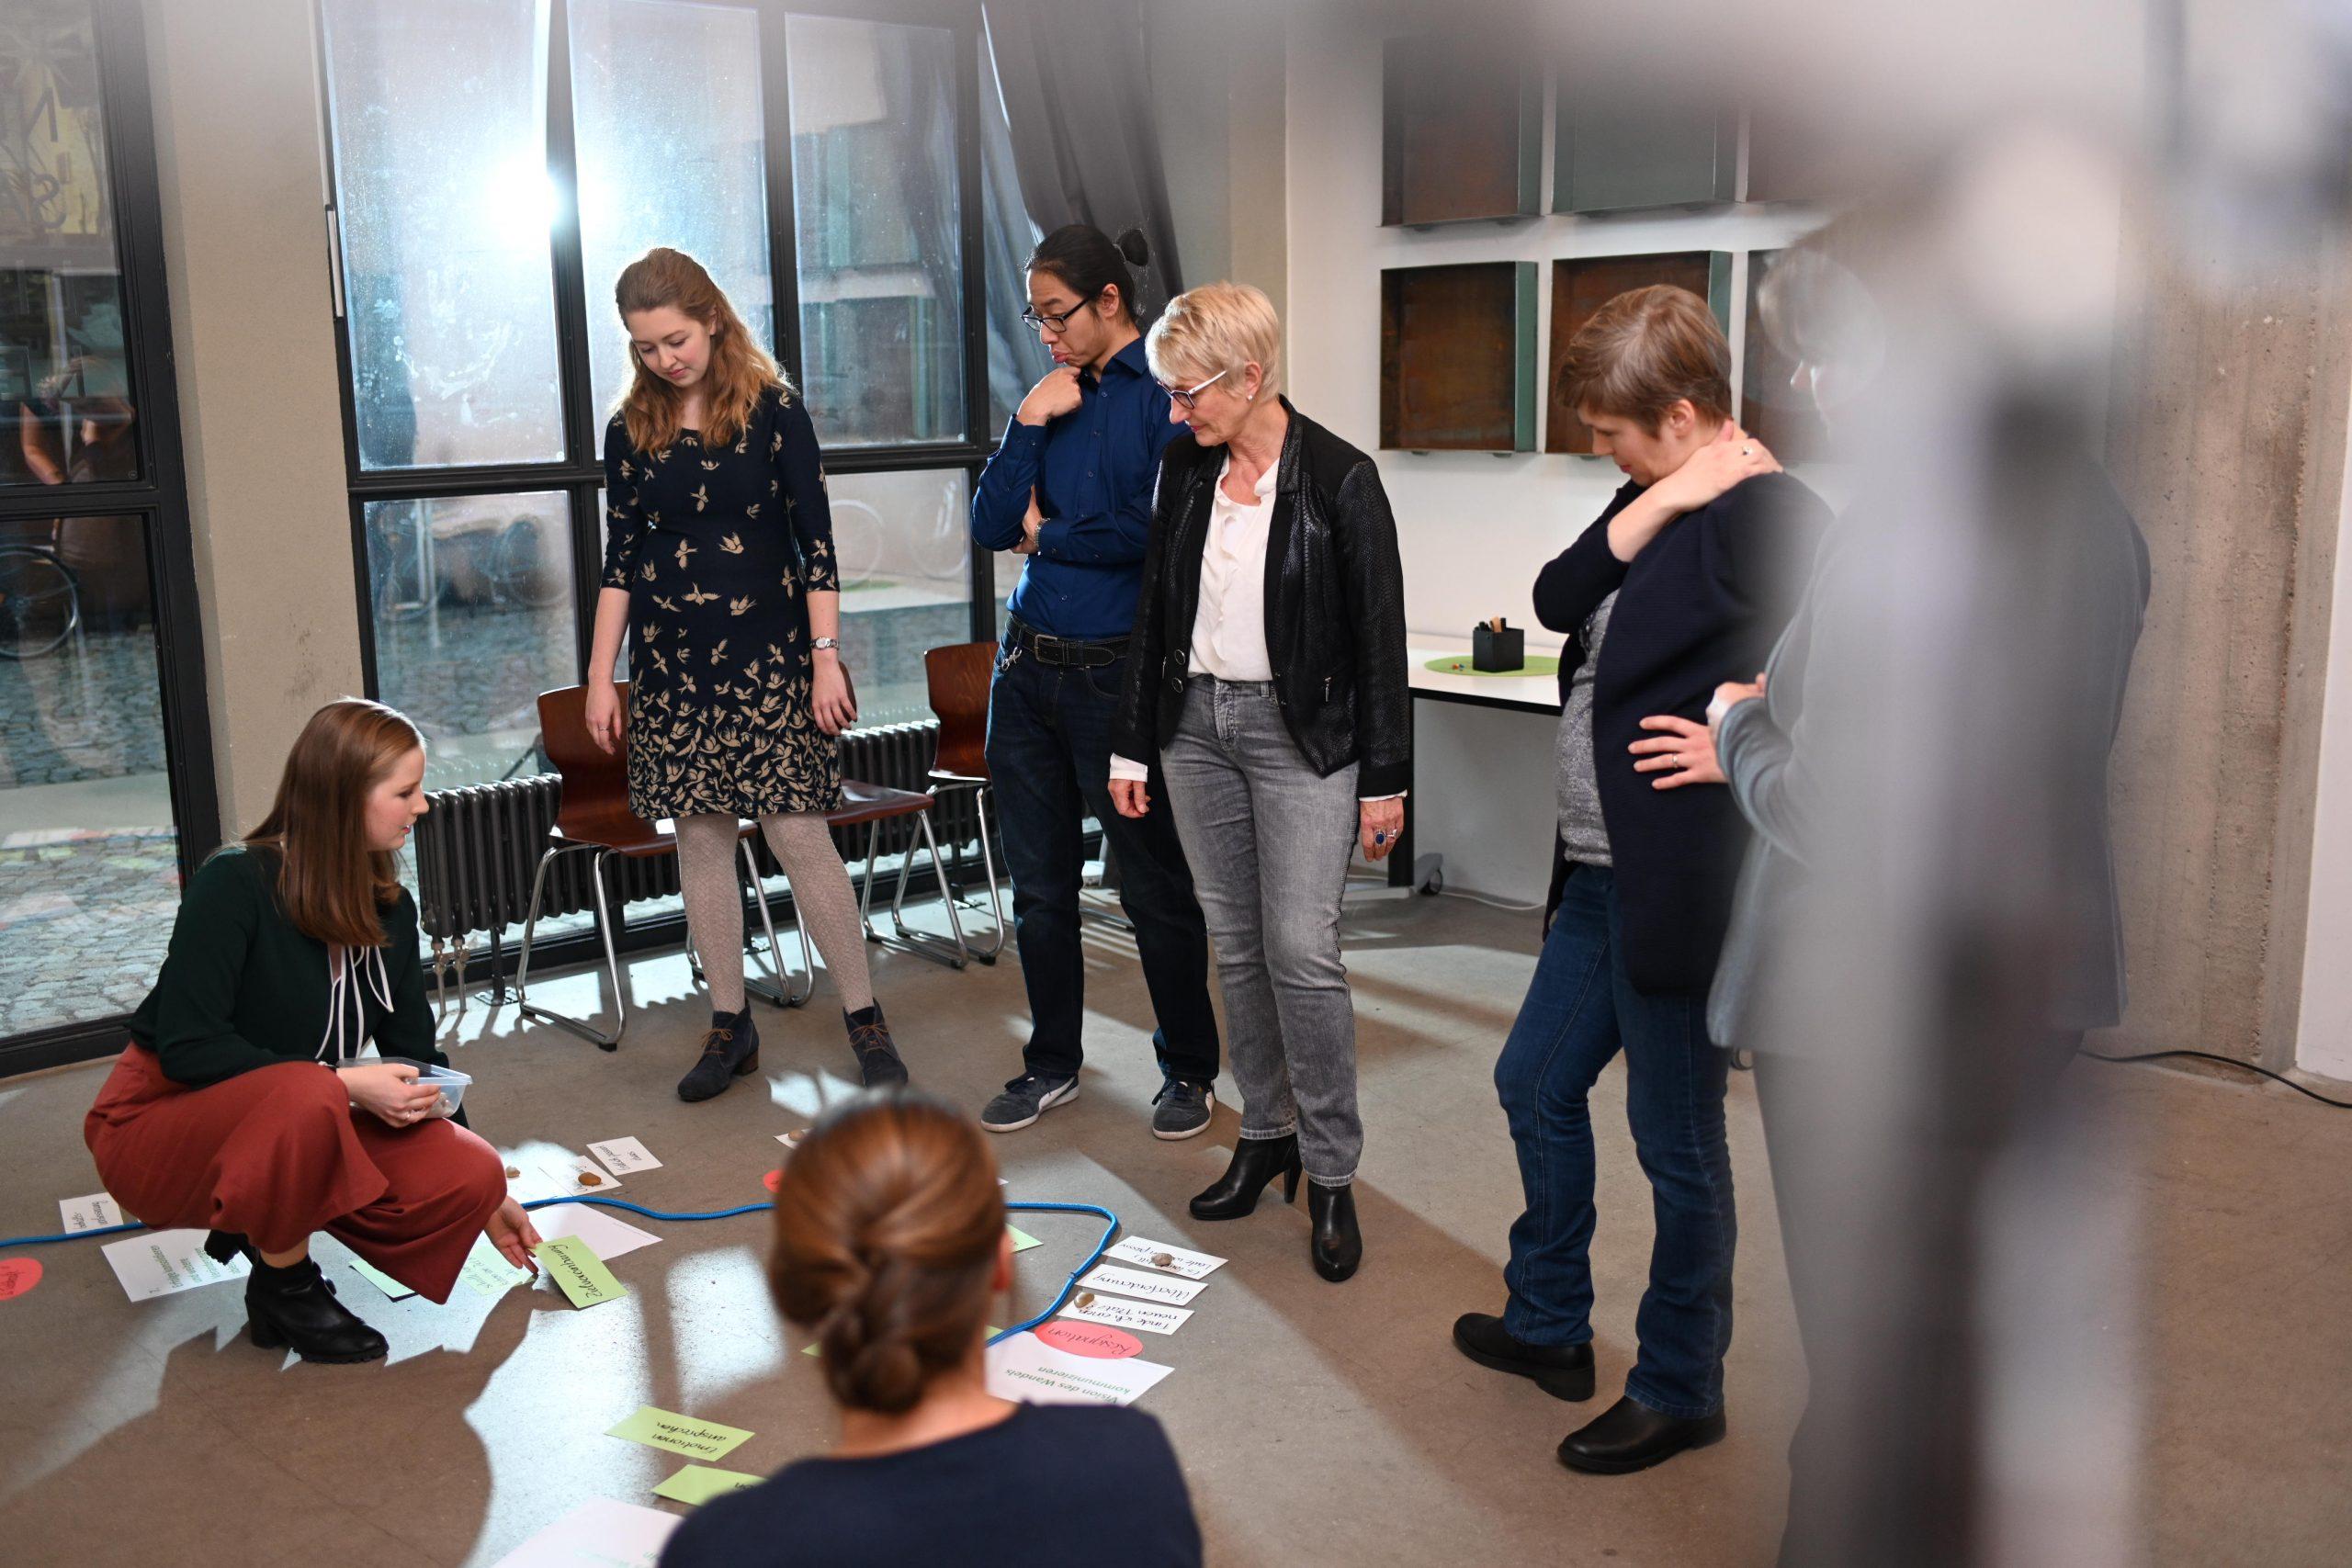 Mitarbeitende motivieren in Workshops